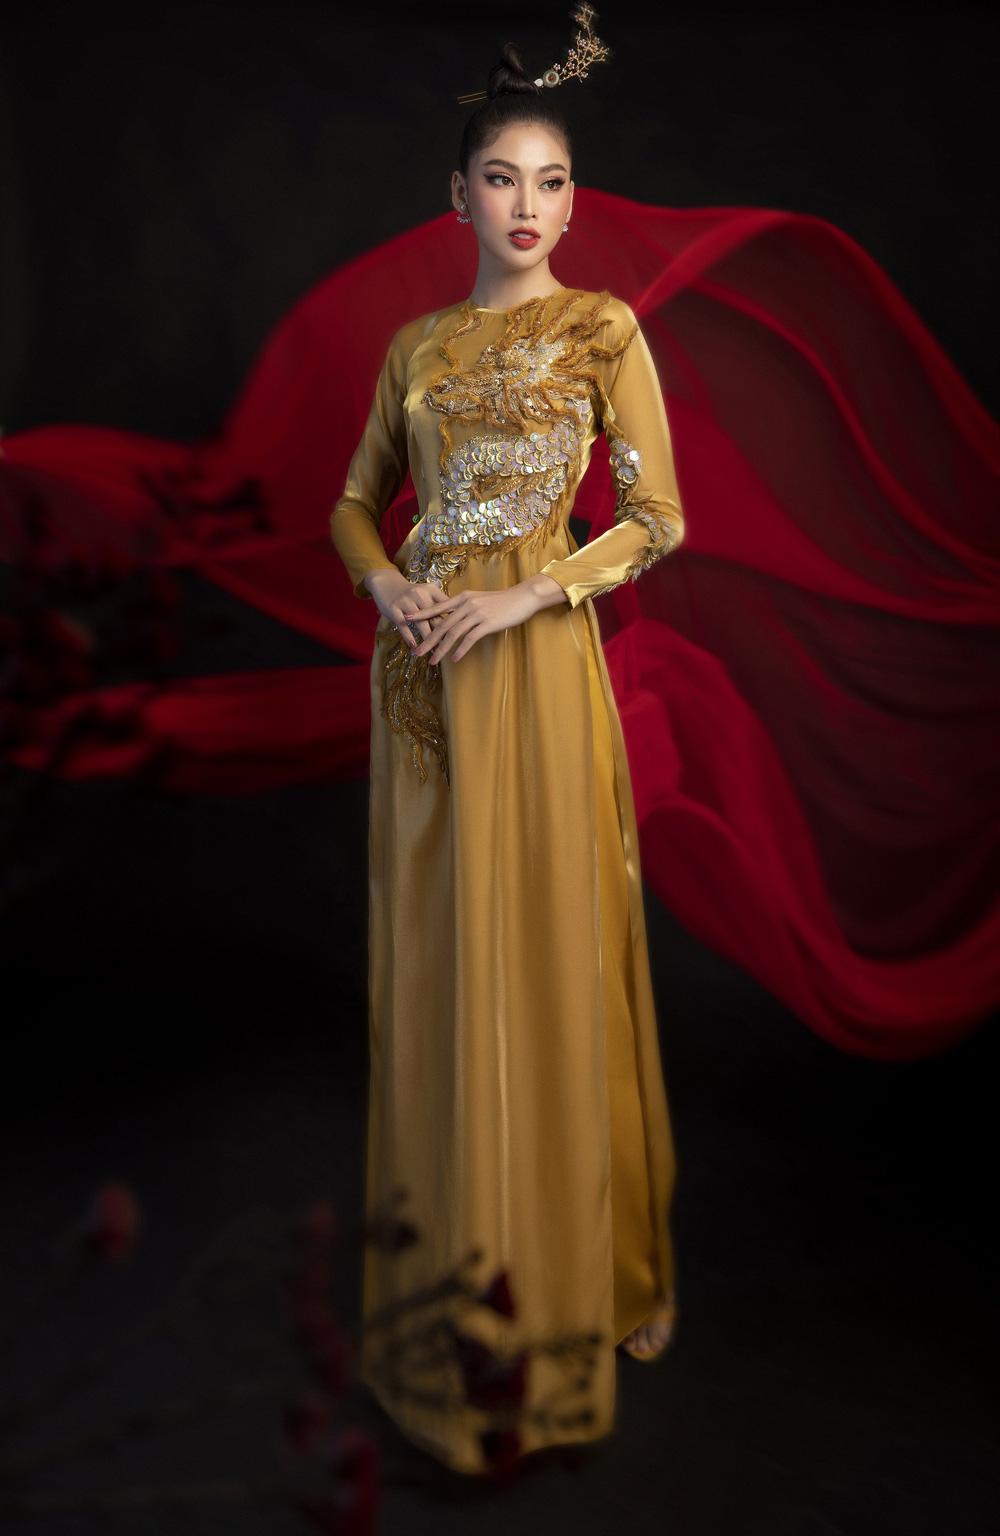 Hoa hậu Đỗ Thị Hà khoe vẻ sắc sảo với áo dài retro - ảnh 14